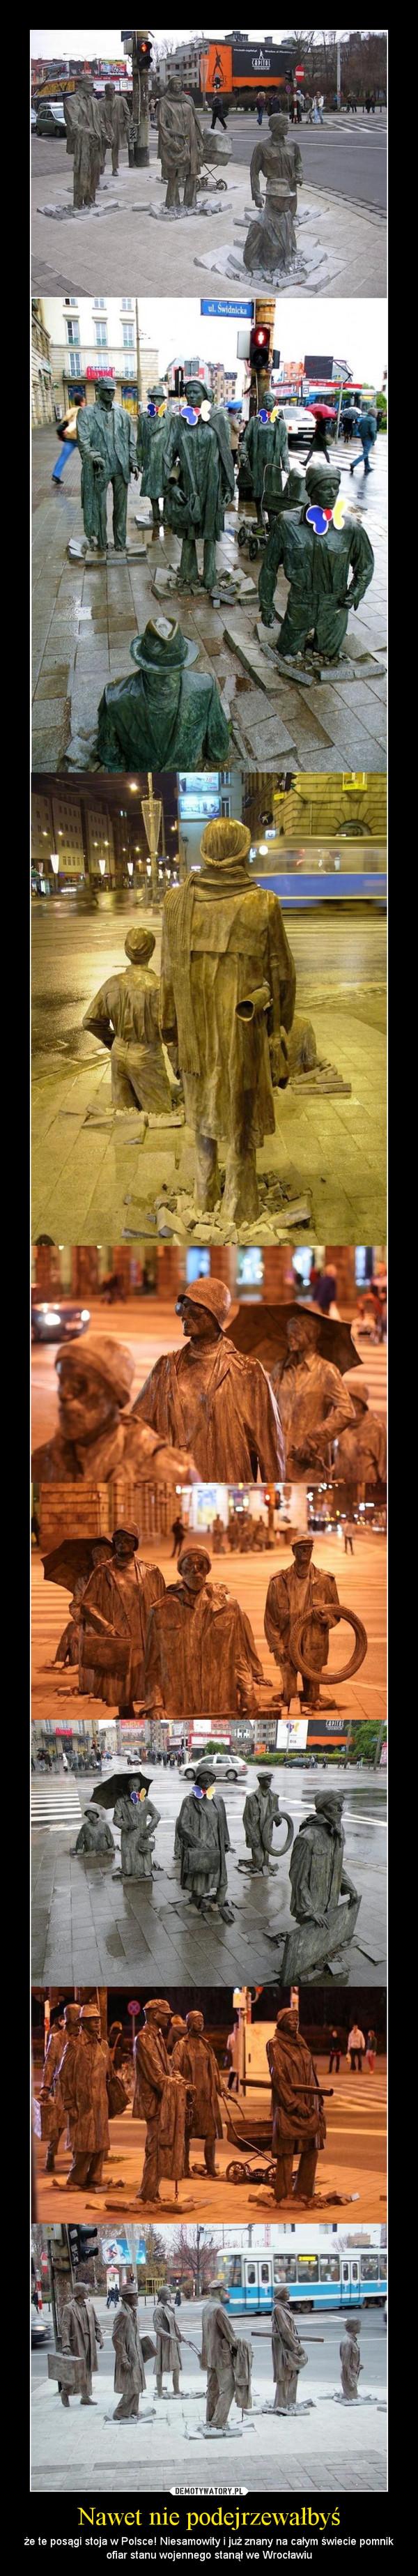 Nawet nie podejrzewałbyś – że te posągi stoja w Polsce! Niesamowity i już znany na całym świecie pomnik ofiar stanu wojennego stanął we Wrocławiu